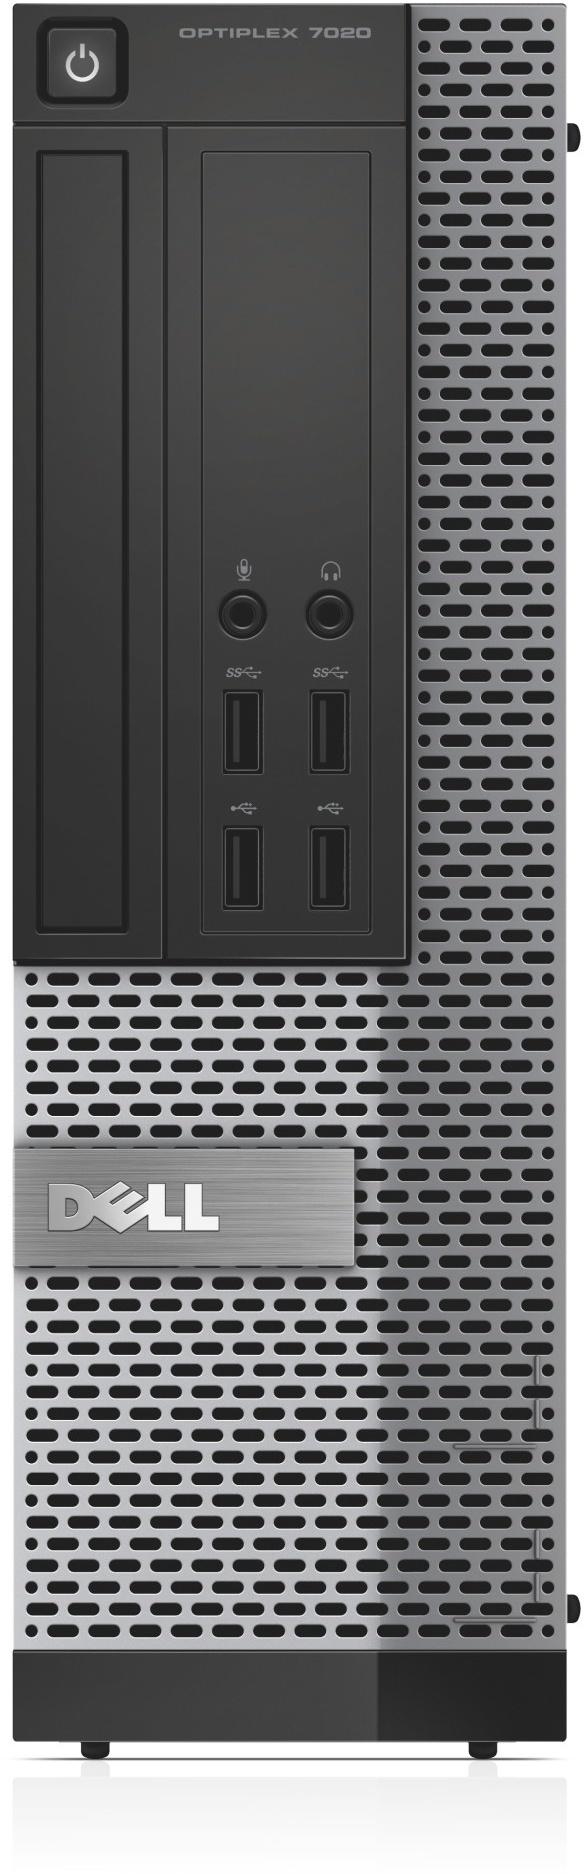 Dell 7020 SFF